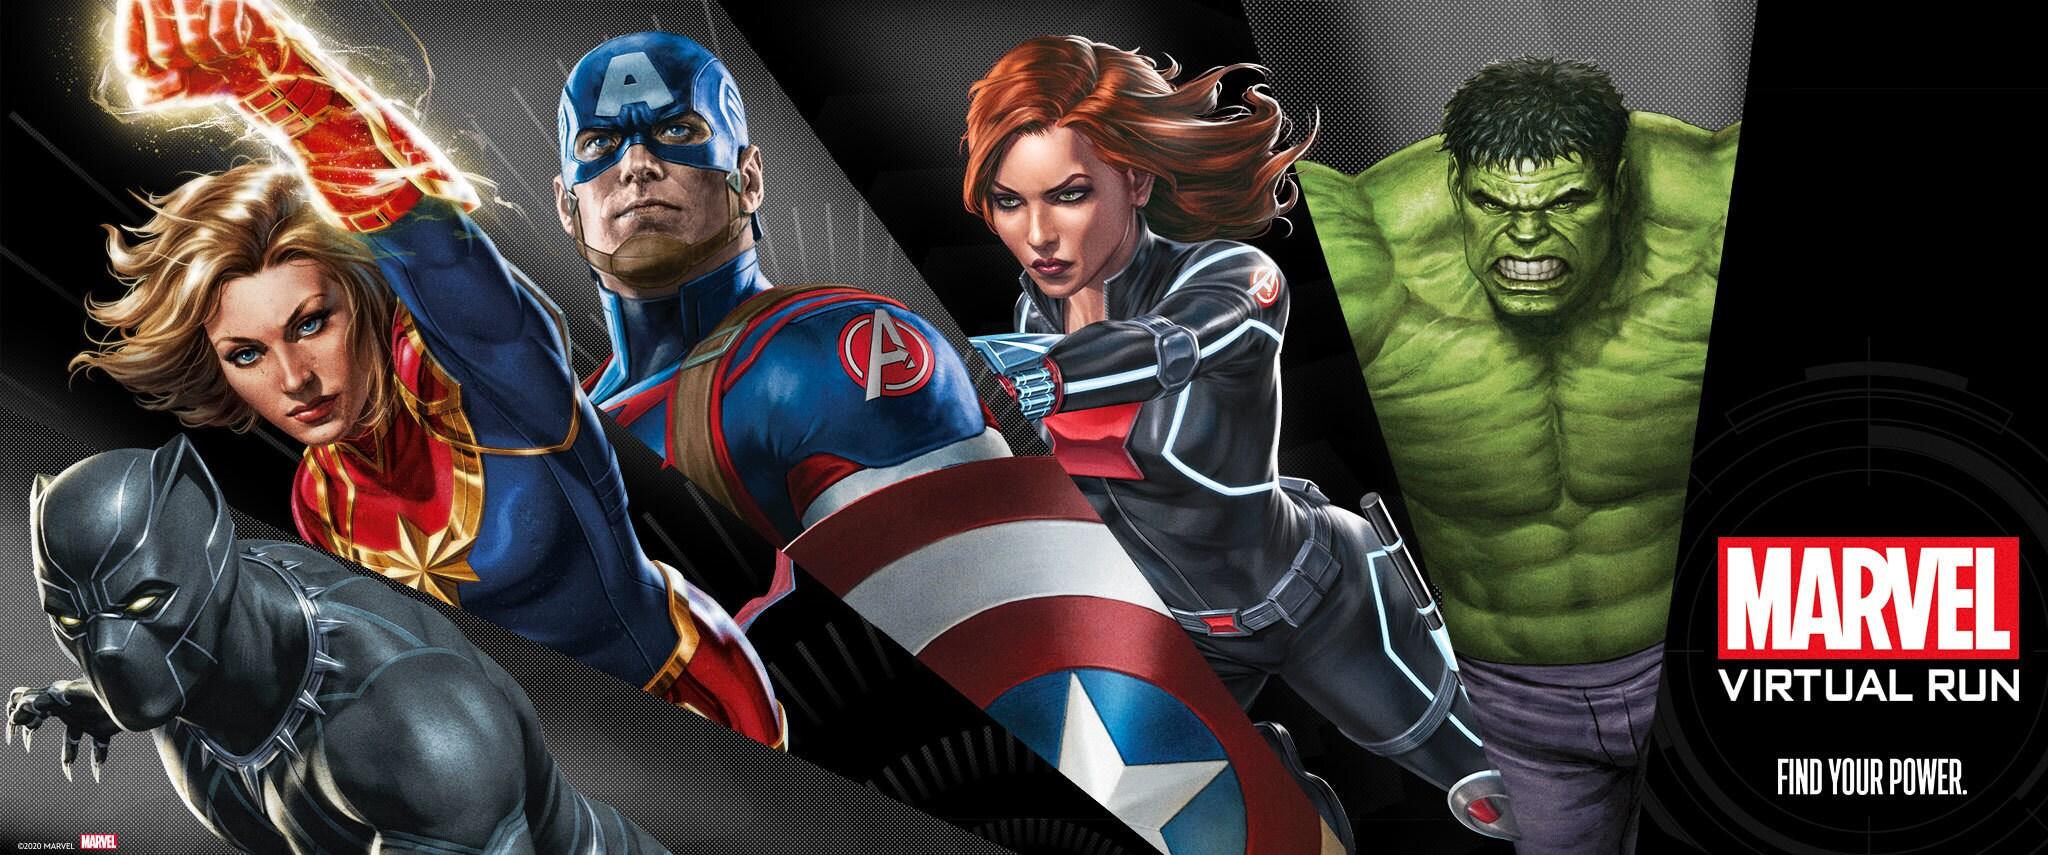 Marvel Content Hub | Virtual Run | Marvel Branded Page | Marvel